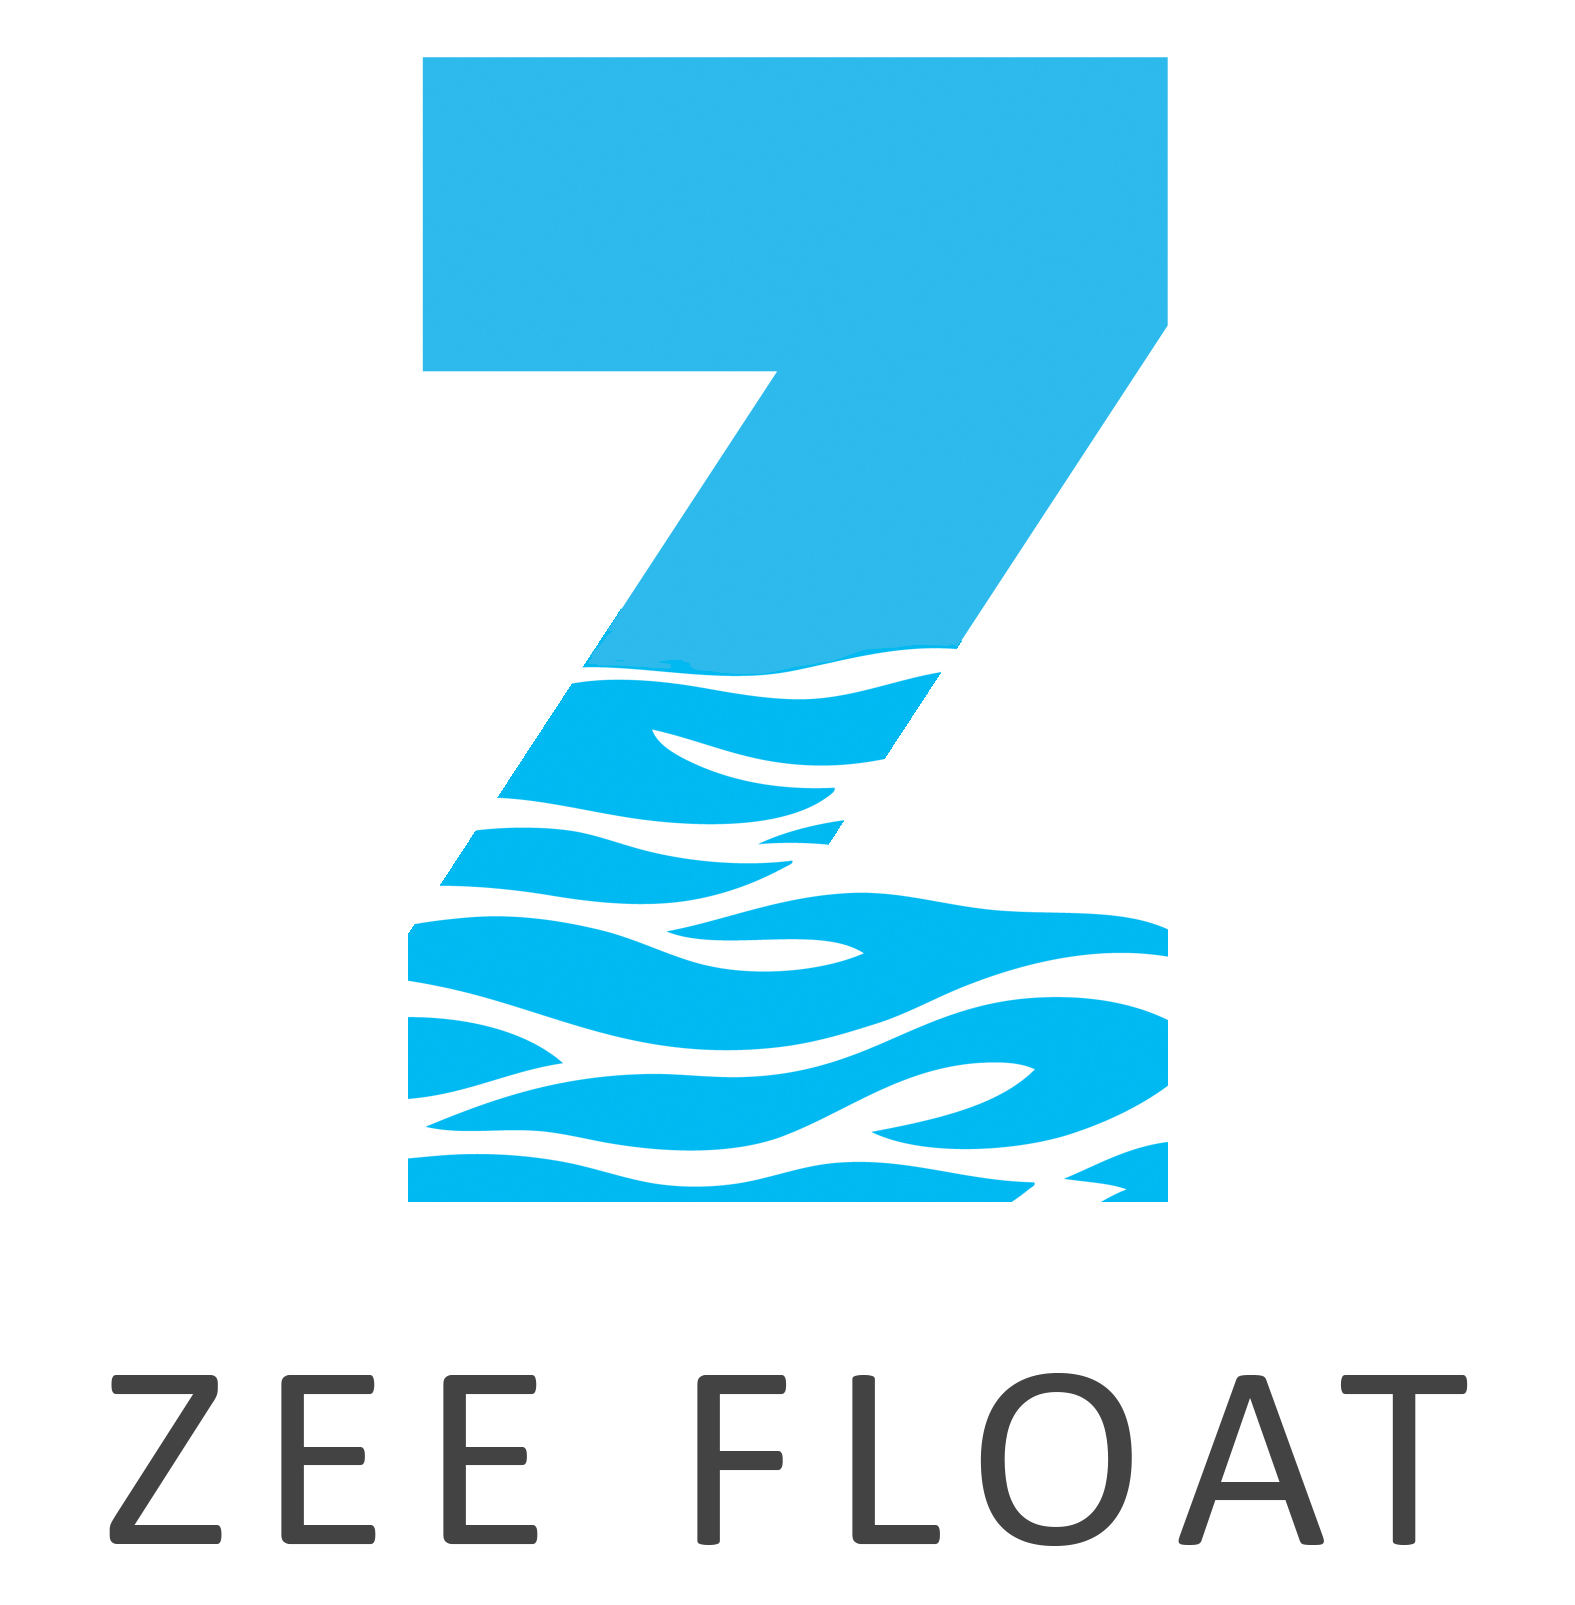 ZeeFloatLogo_JPEG.jpg